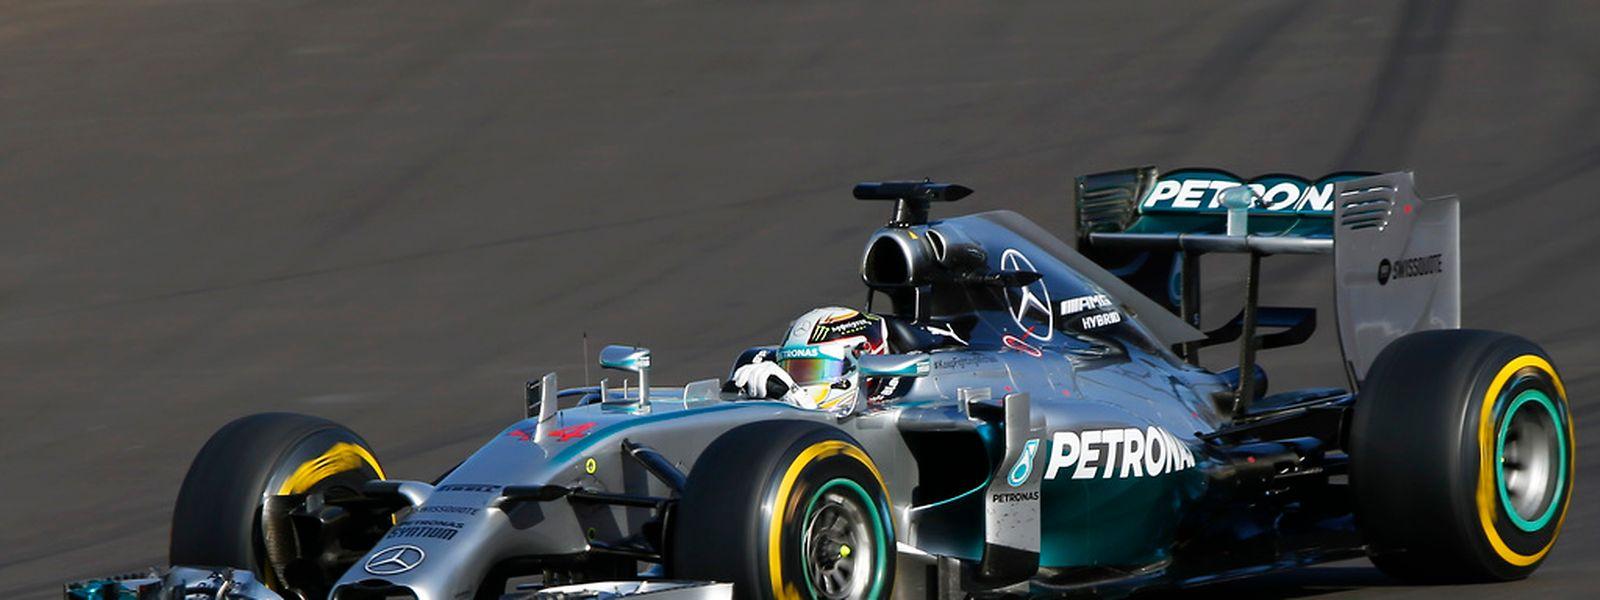 Mais uma vitória para o piloto da Mercedes que se aproxima da conquista do título